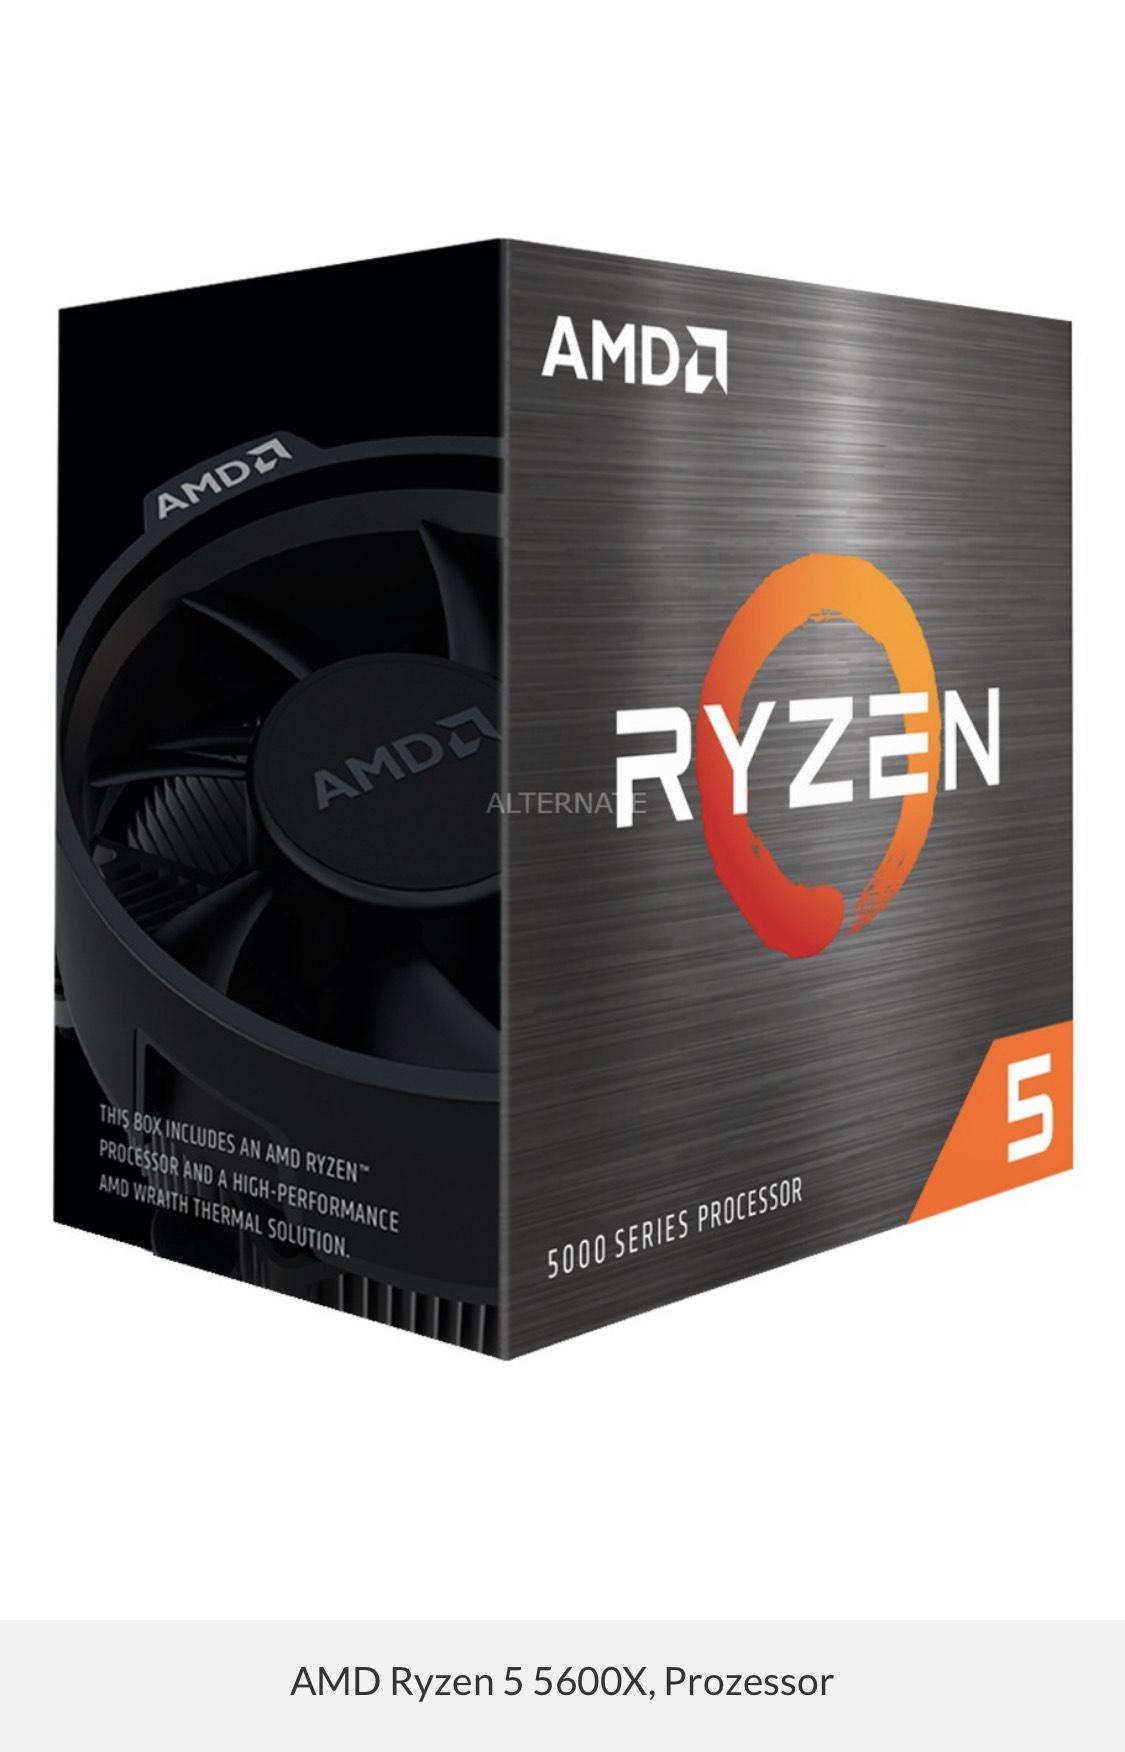 AMD Ryzen 5 5600X CPU